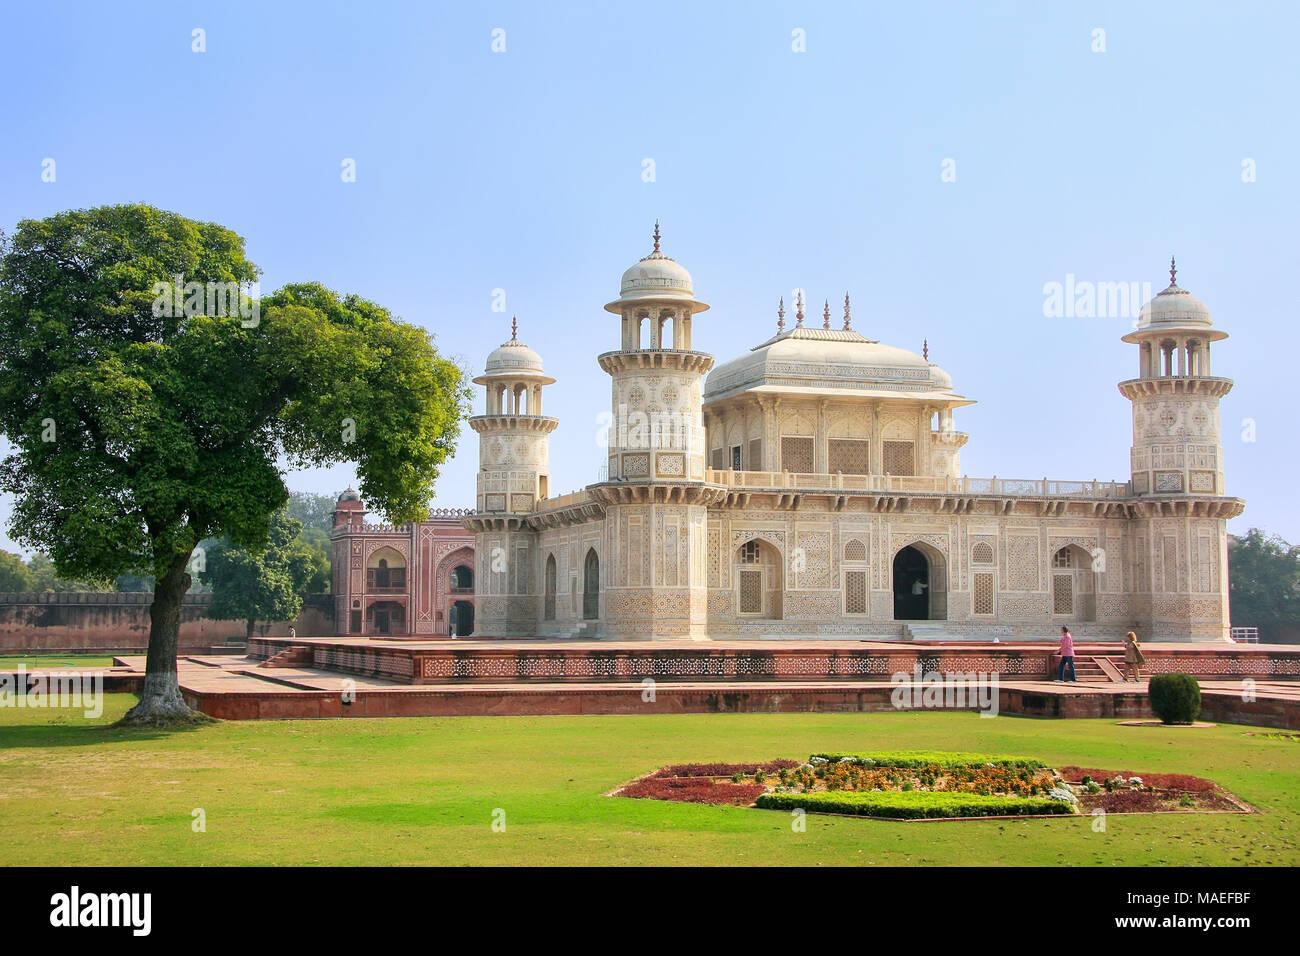 Tumba de Itimad-ud-Daulah, en Agra, Uttar Pradesh, India. Esta tumba es a menudo considerado como un proyecto del Taj Mahal. Imagen De Stock